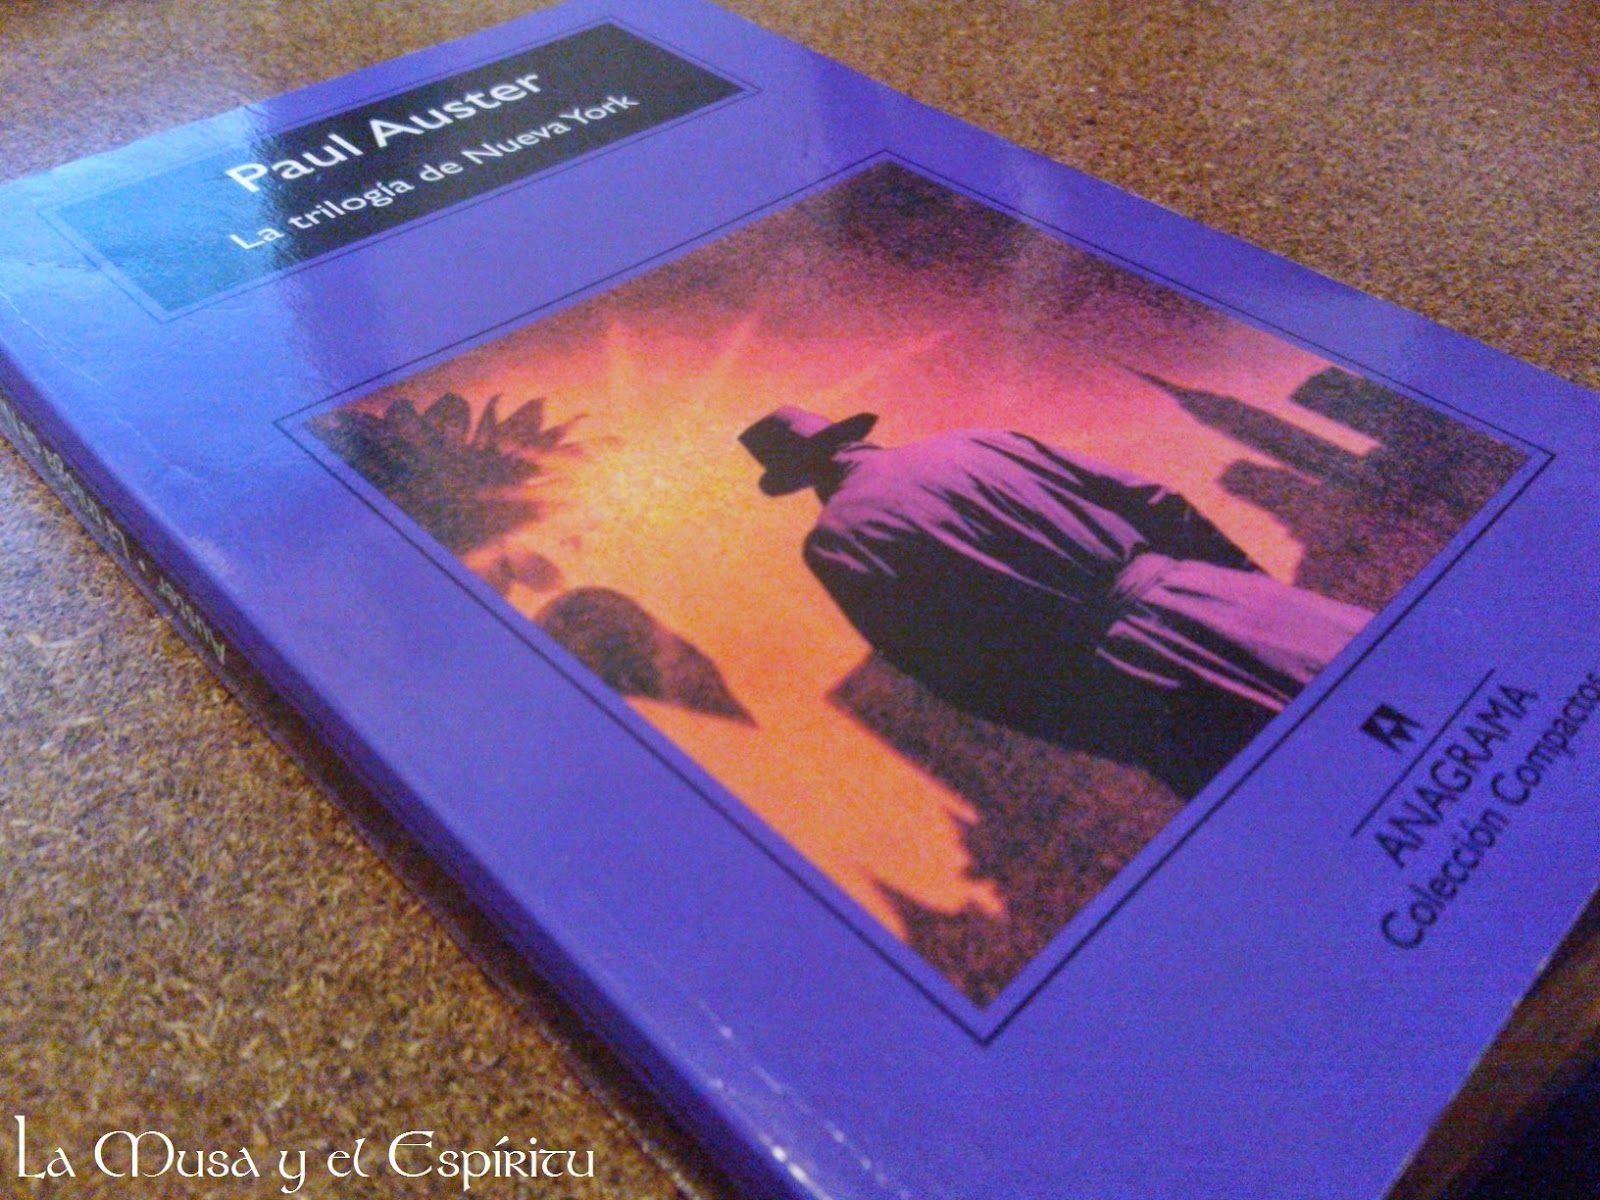 La musa y el espíritu: Crítica: La trilogía de Nueva York. Paul Auster.